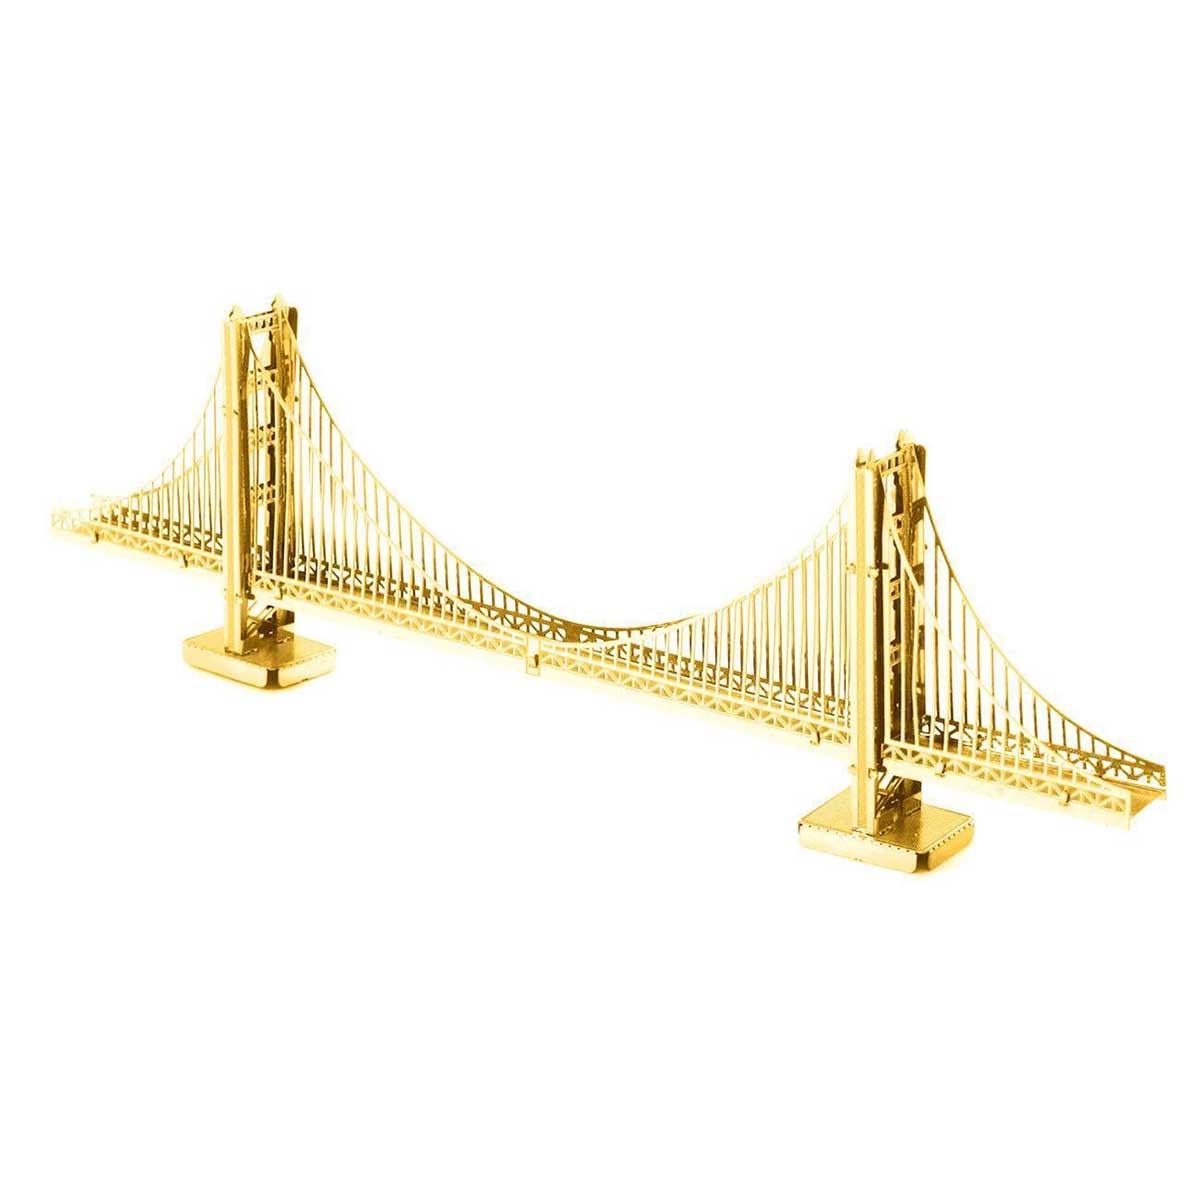 Gold Golden Gate Bridge San Francisco 3D Puzzle